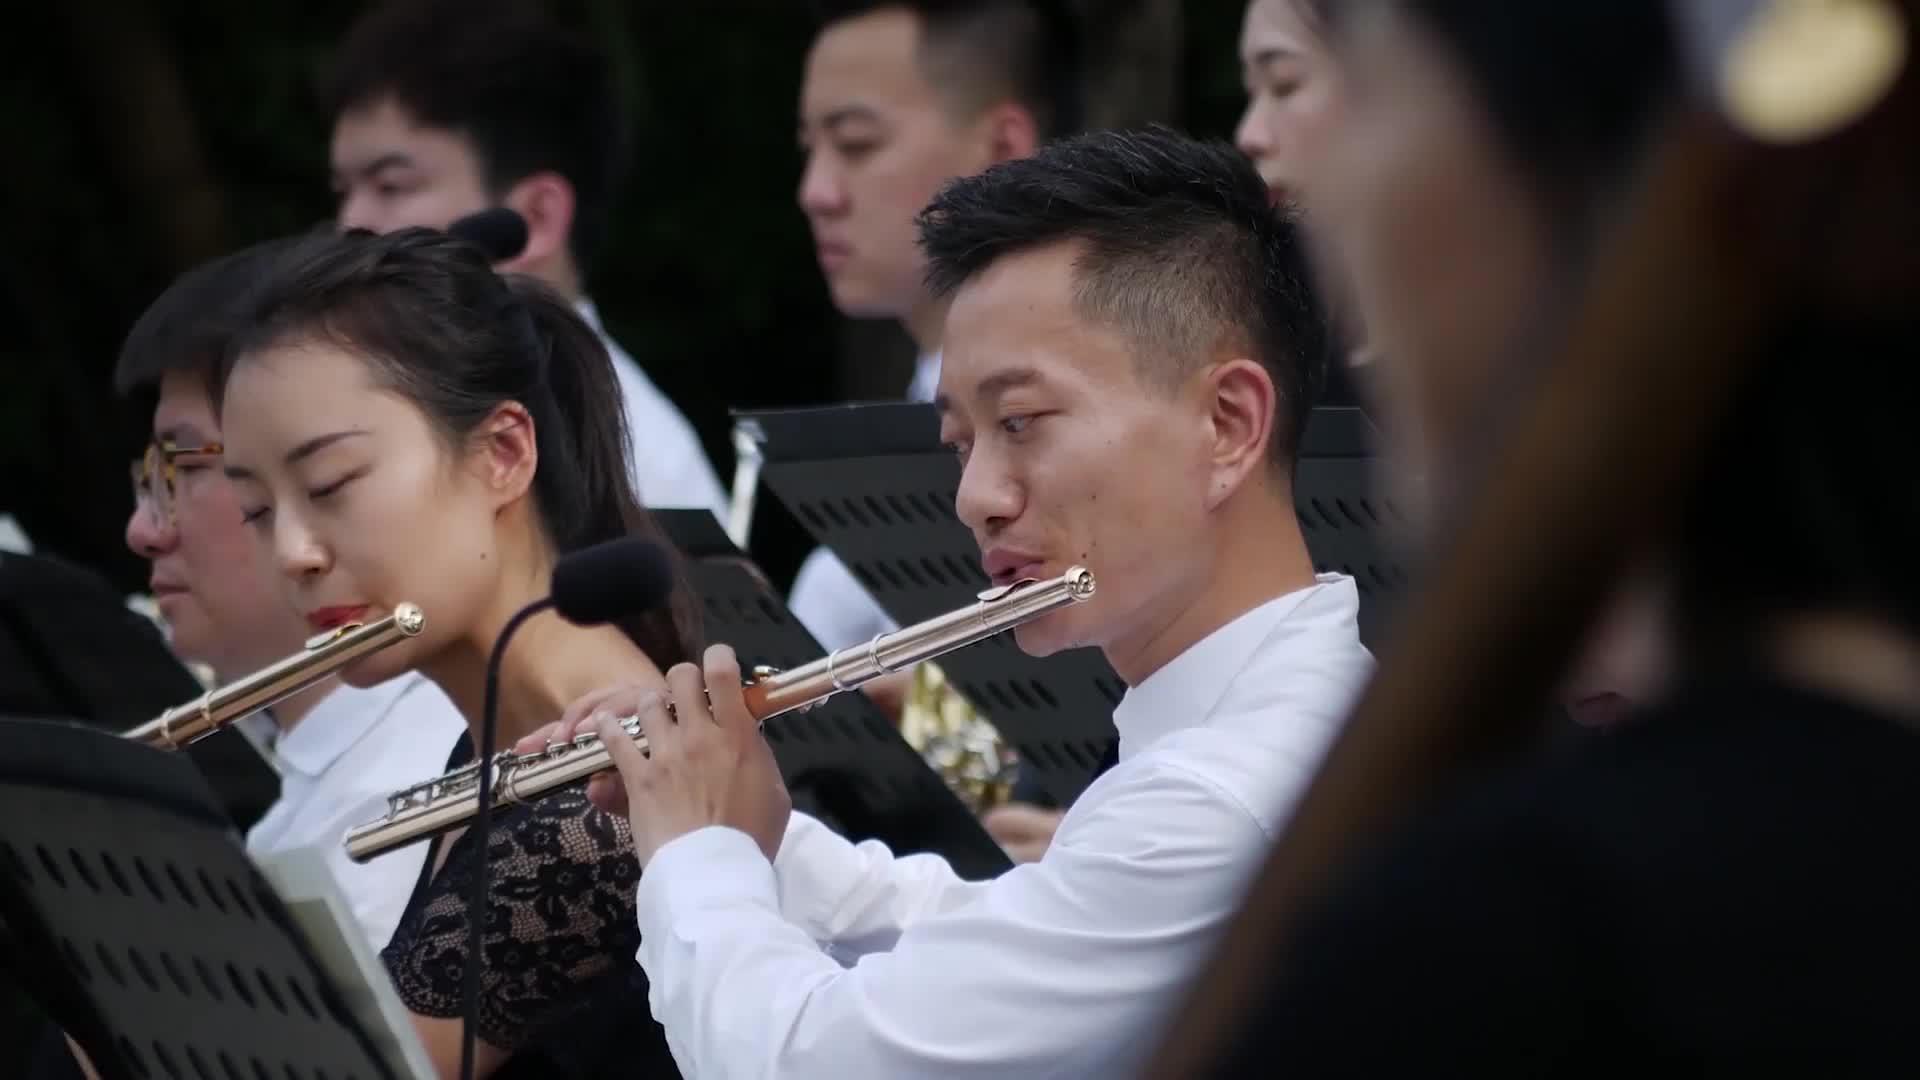 瀛湖揽月音乐会——歌剧《卡门》组曲(选段)《波西米亚舞曲》